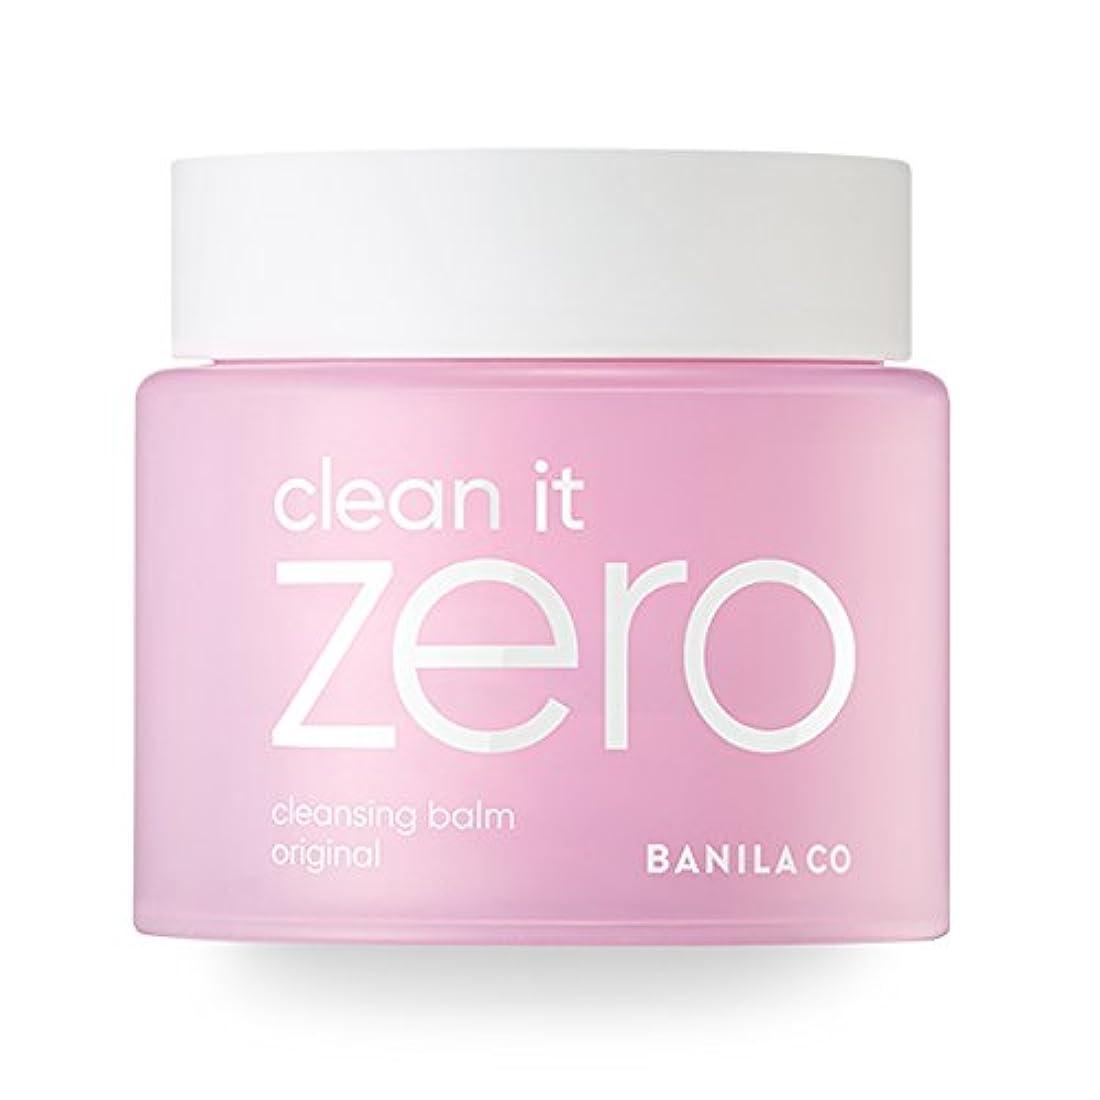 苦難仲人週末BANILA CO(バニラコ)公式ストア  バニラコ クリーン イット ゼロ クレンジング バーム オリジナル / Clean It Zero Cleansing Balm Original 180ml